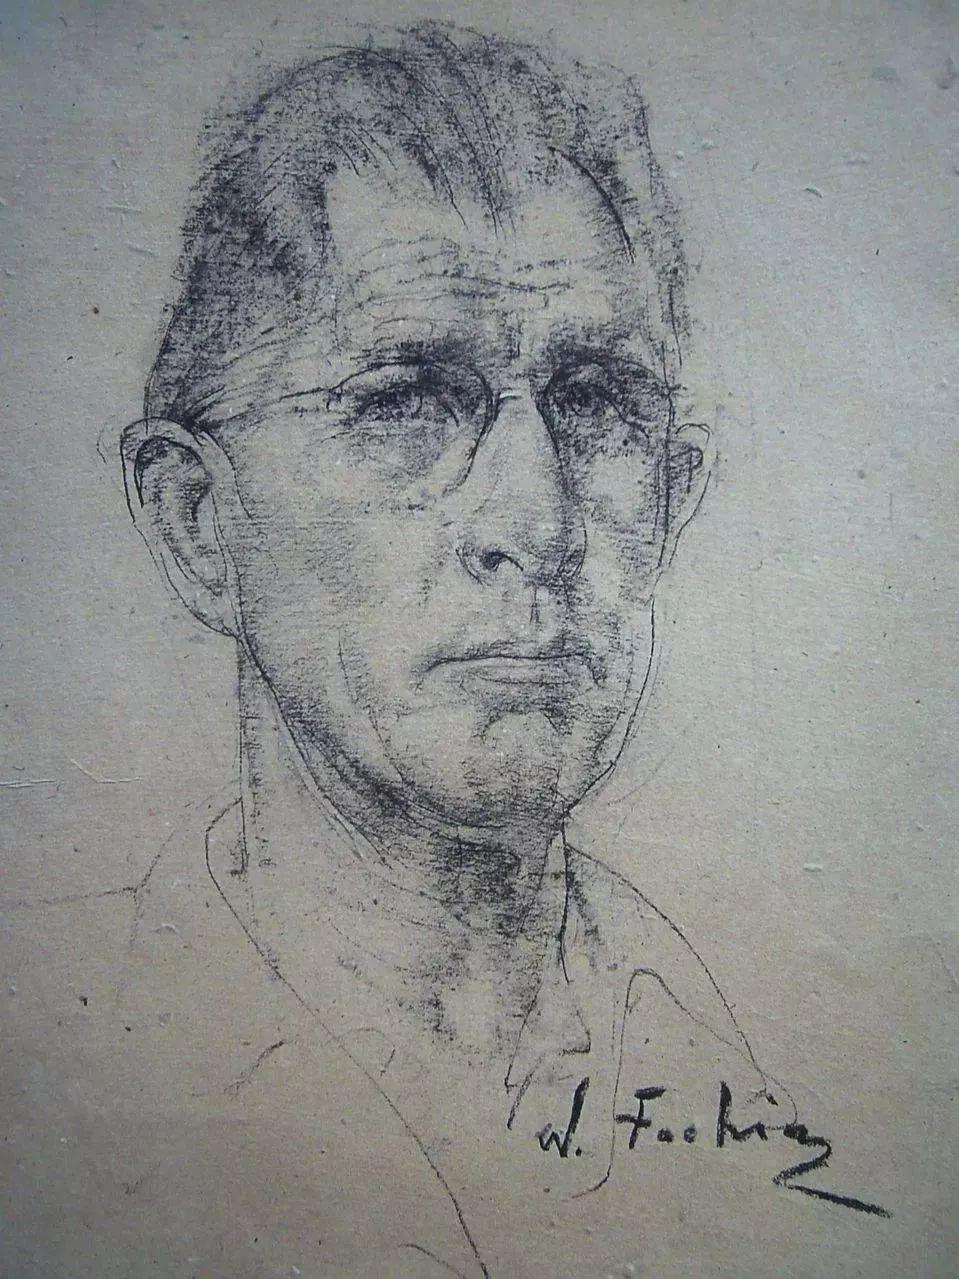 一个身在异国的孤独破壁者——费钦插图189